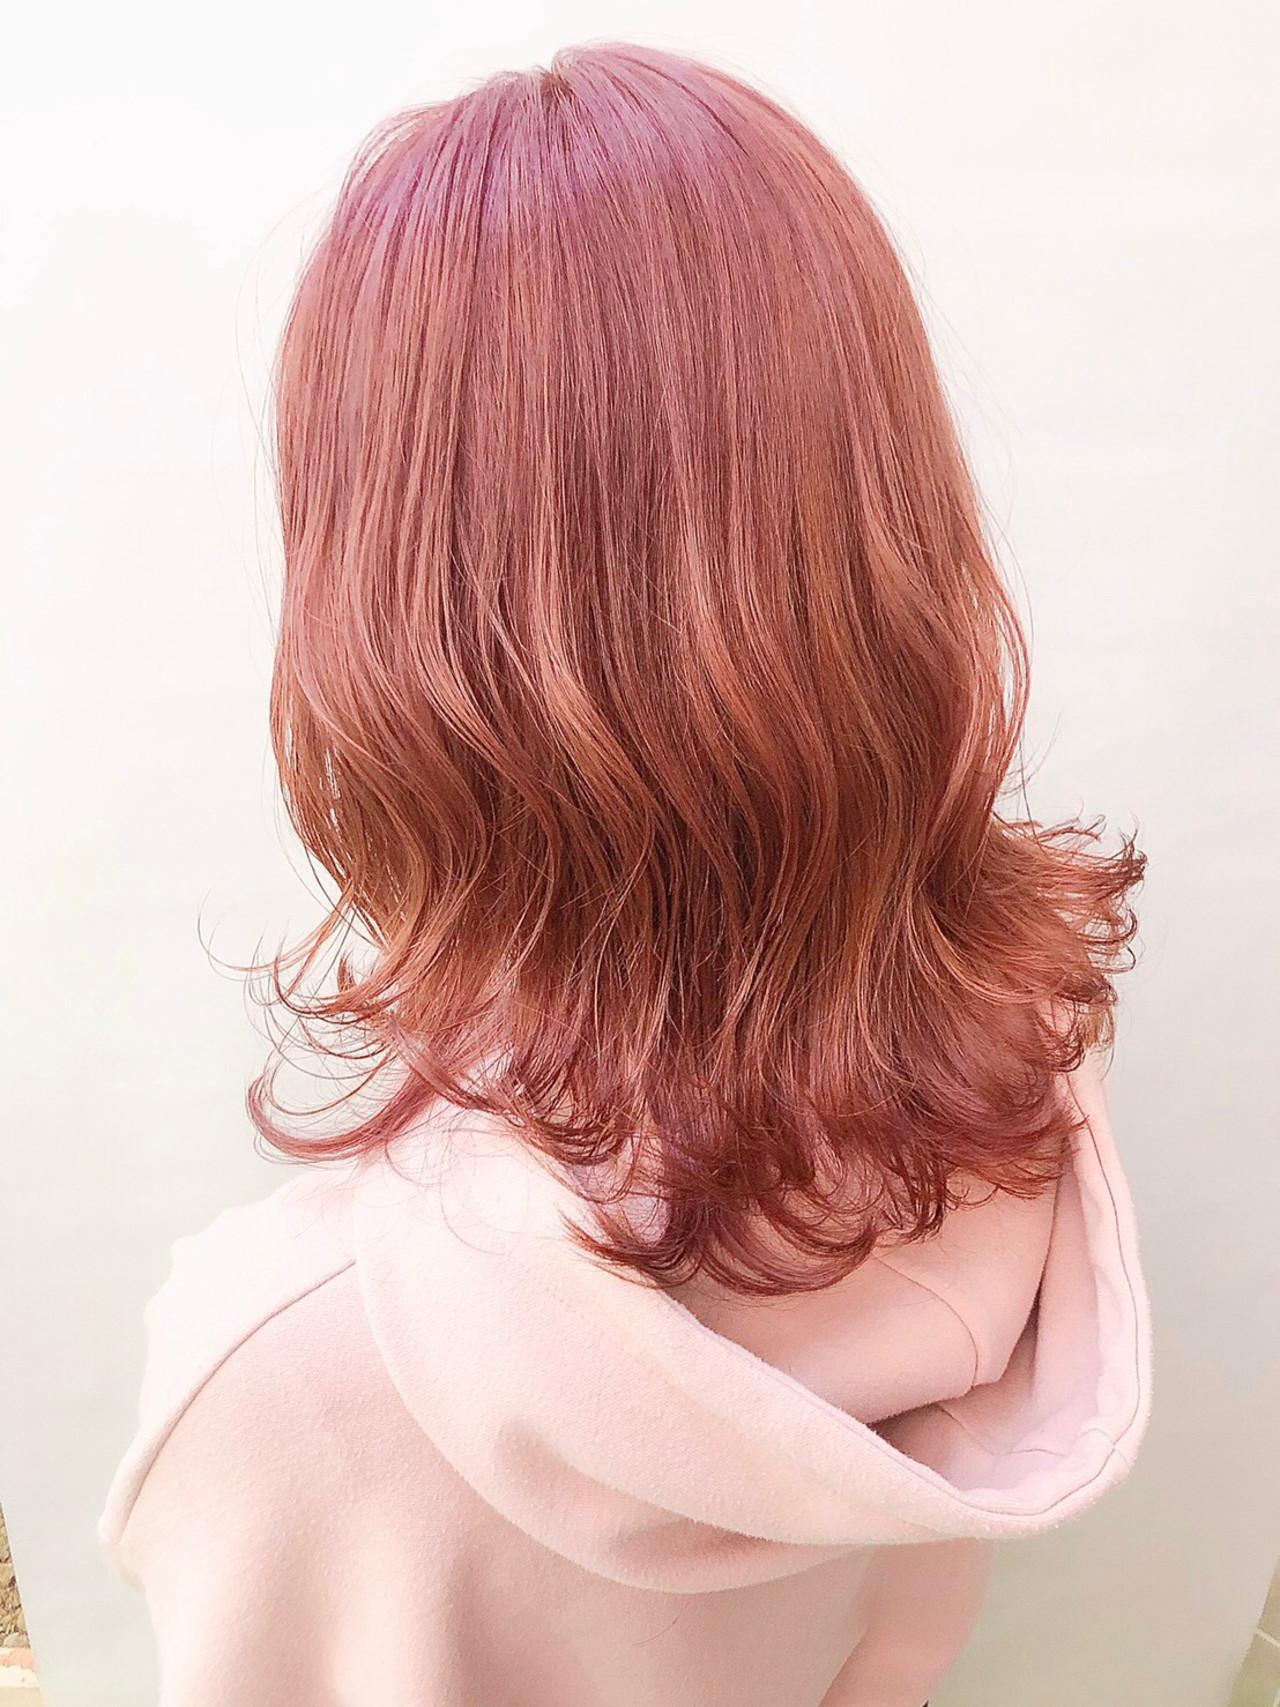 ラズベリーピンク セミロング ガーリー ブリーチカラー ヘアスタイルや髪型の写真・画像